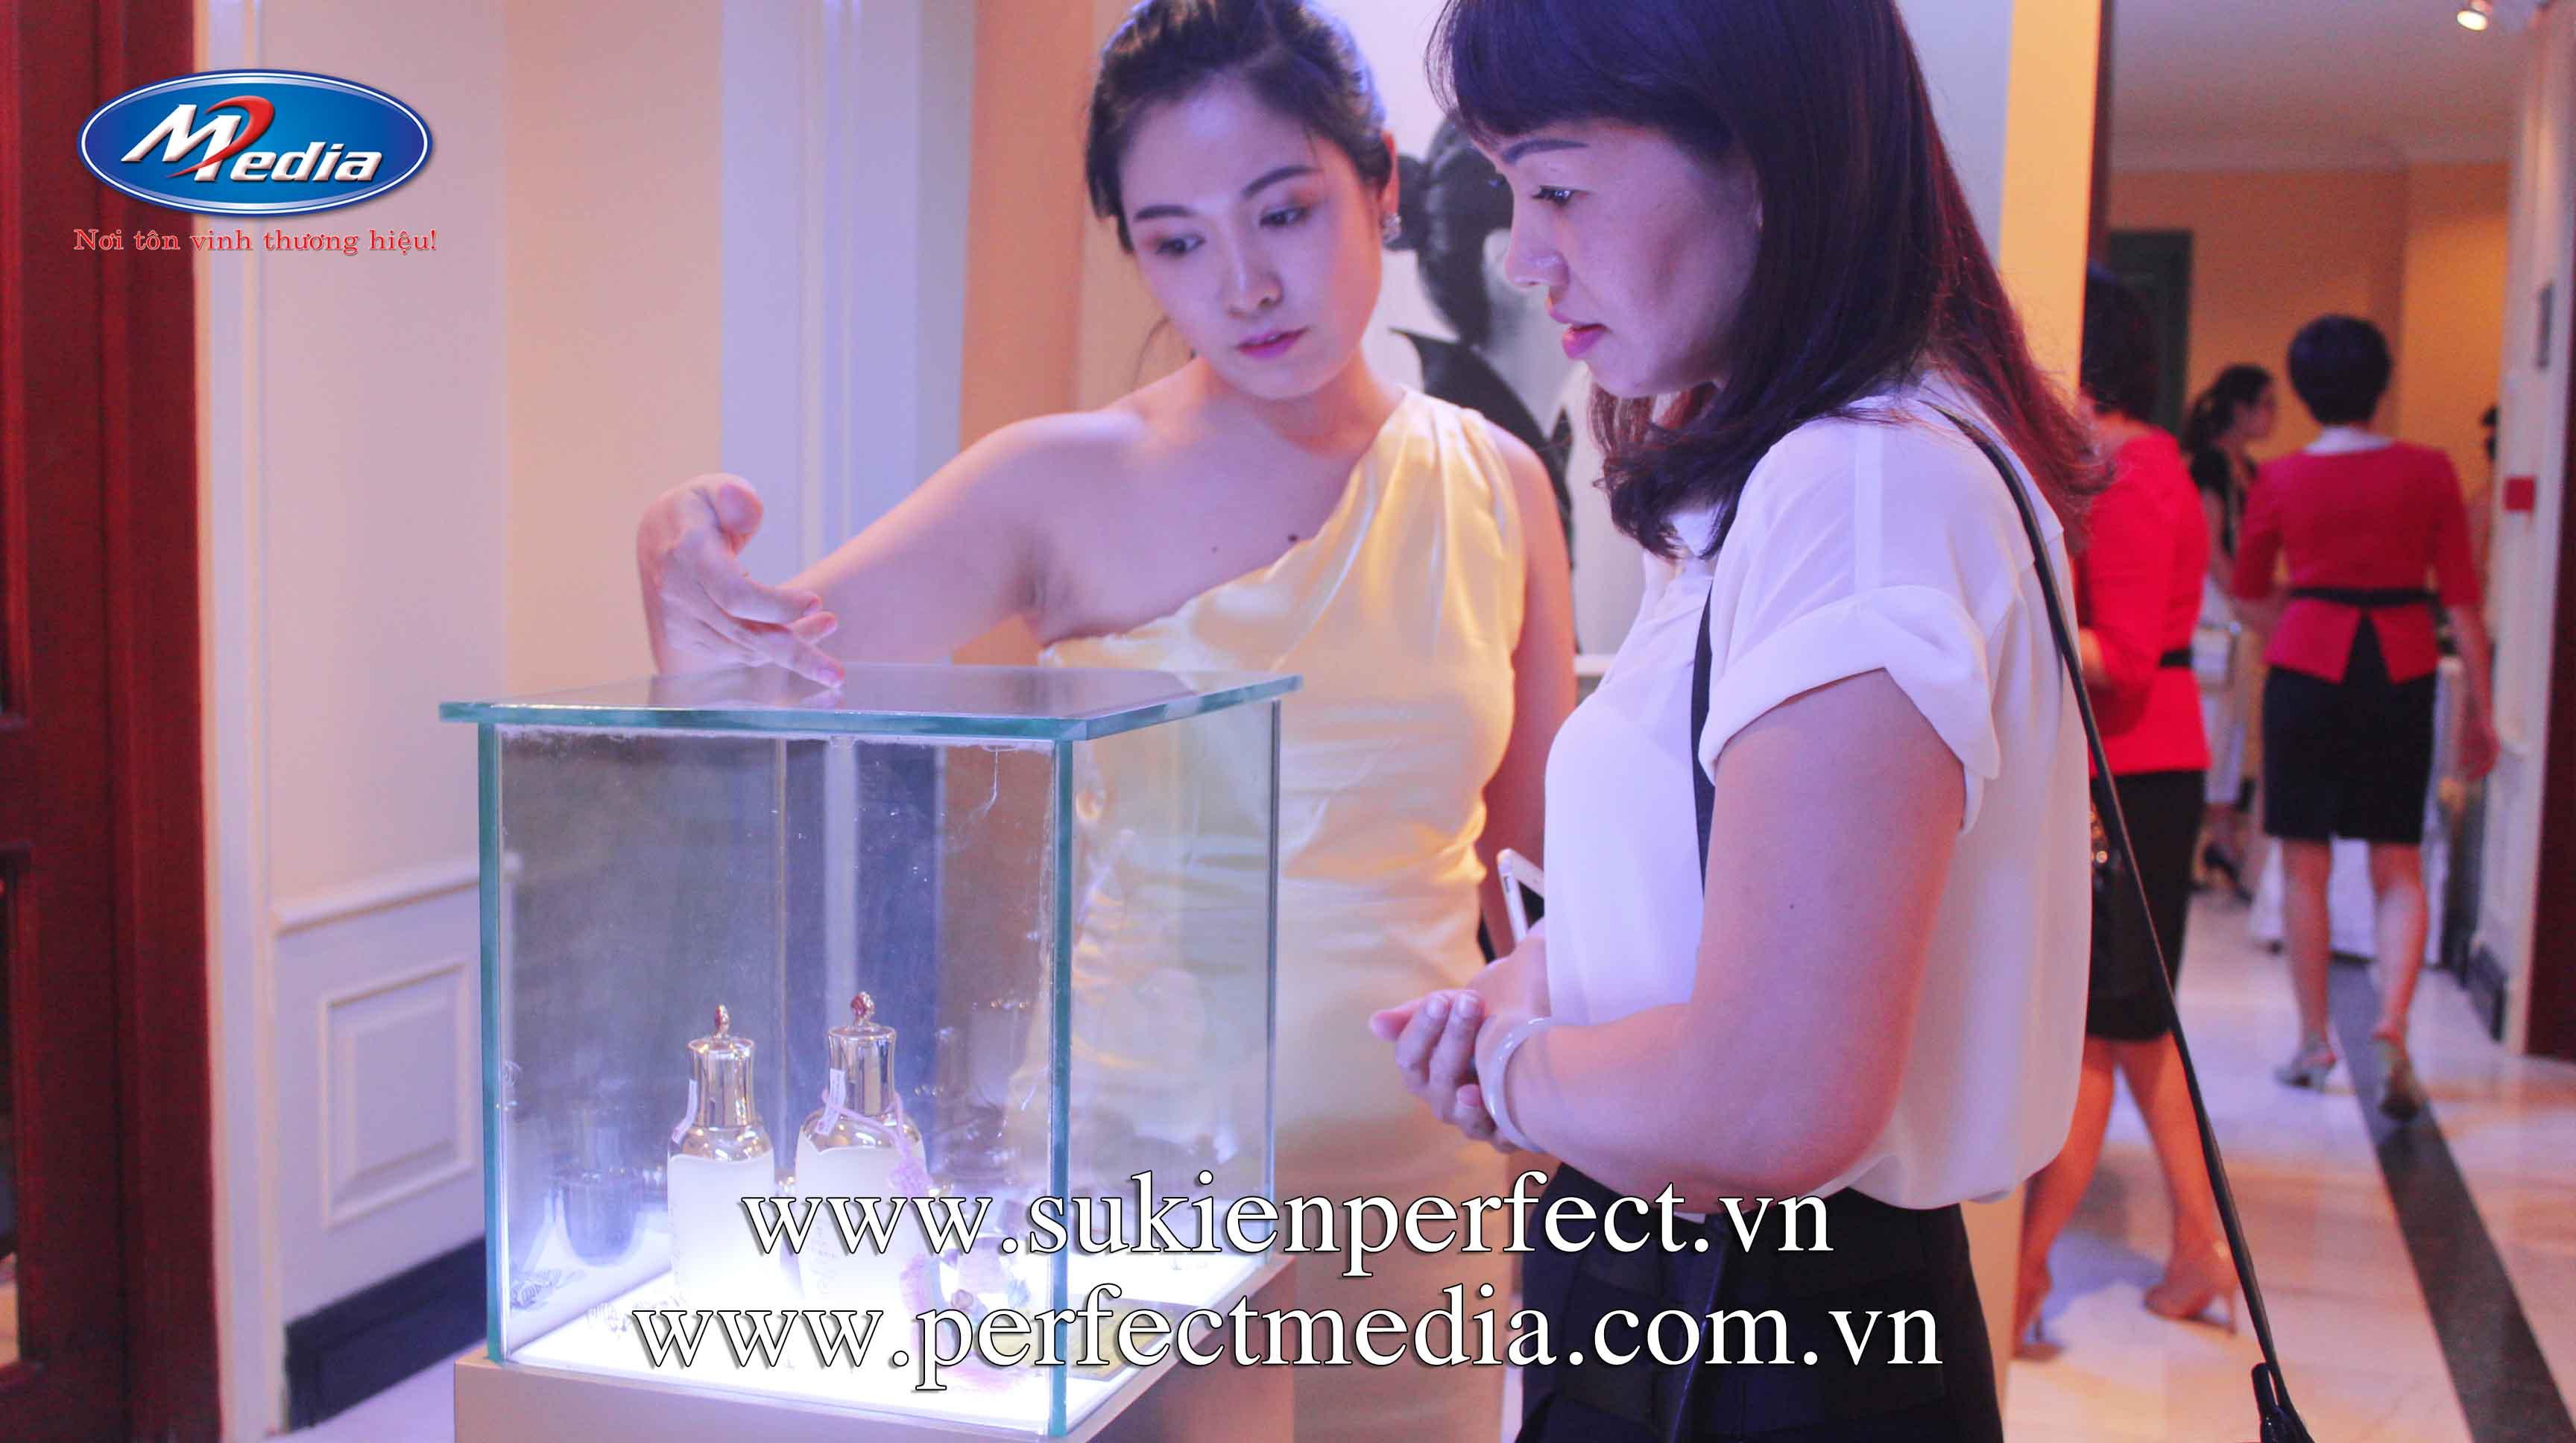 ra mắt giới thiệu sản phẩm mới tại Hạ Long, Quảng Ninh